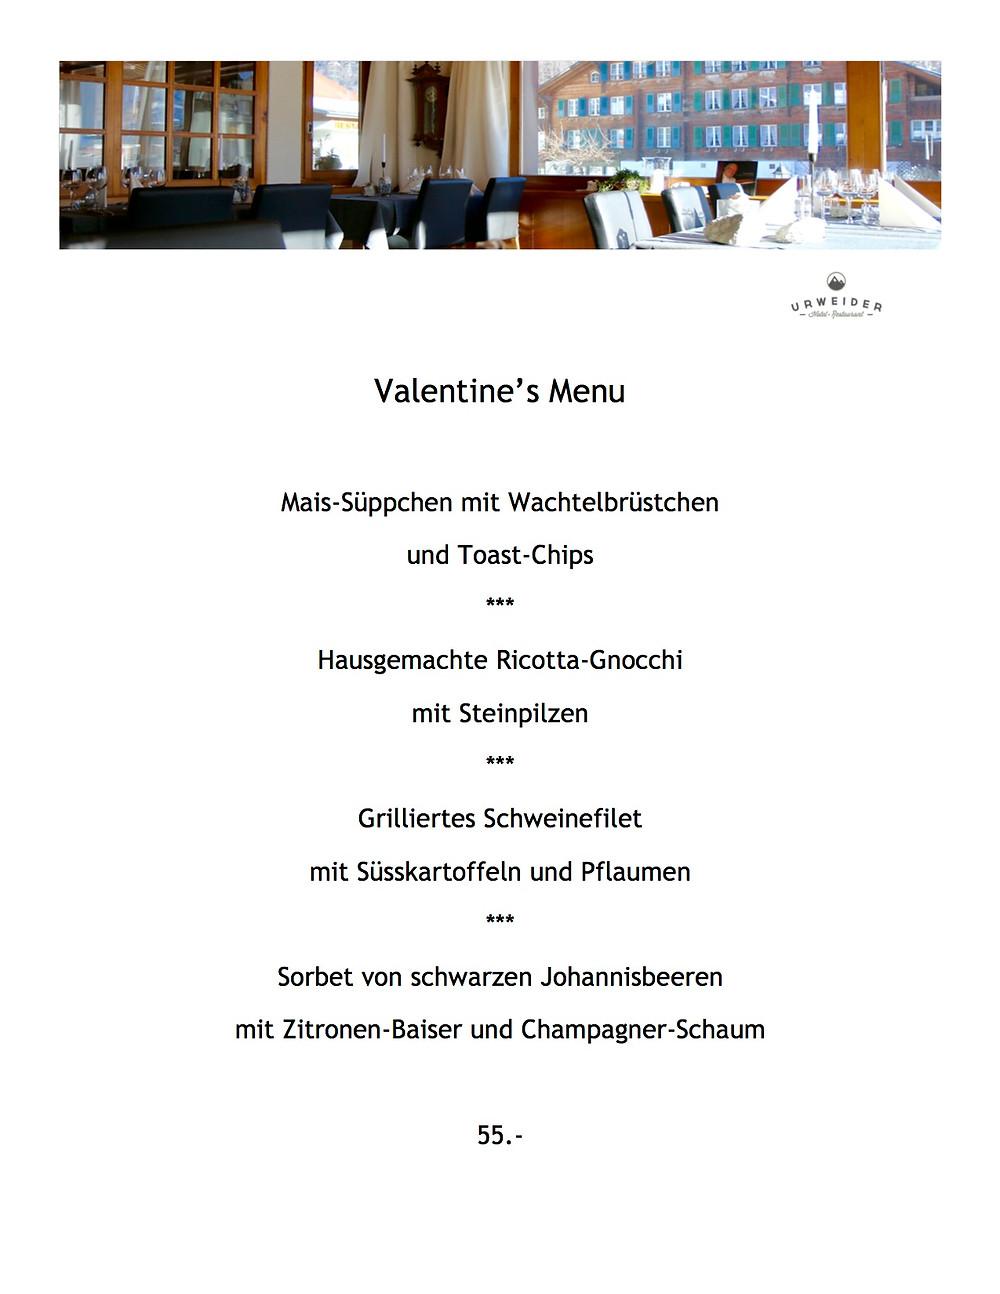 Hotel Restaurant Urweider im Berner Oberland